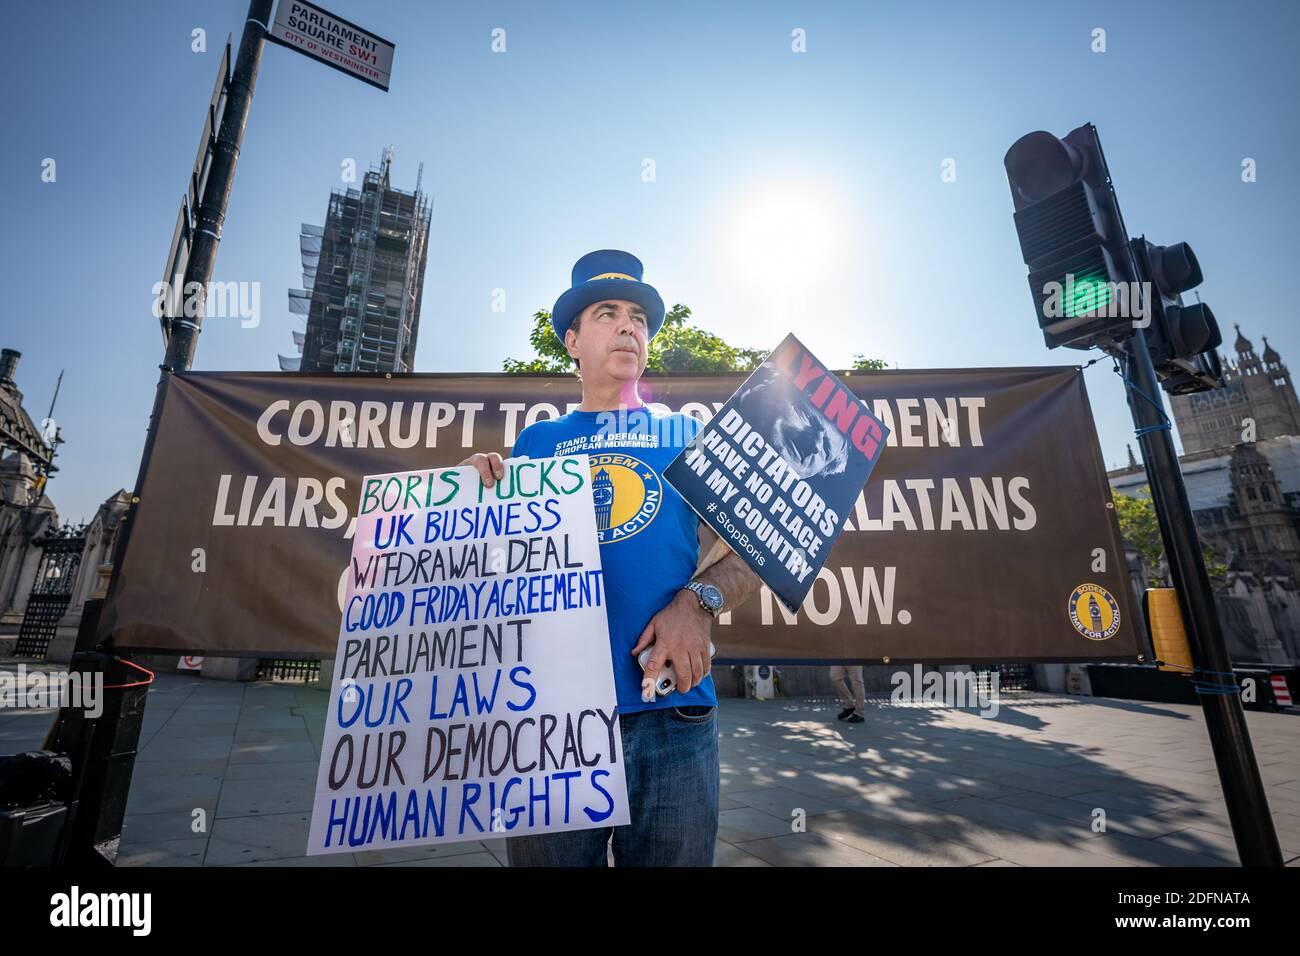 Steve Bray, anti-Brexiteer, poursuit cette journée de manifestations à Westminster qui ont révélé la corruption du gouvernement conservateur et exigé que le Royaume-Uni rejoigne l'UE. Londres, Royaume-Uni. Banque D'Images